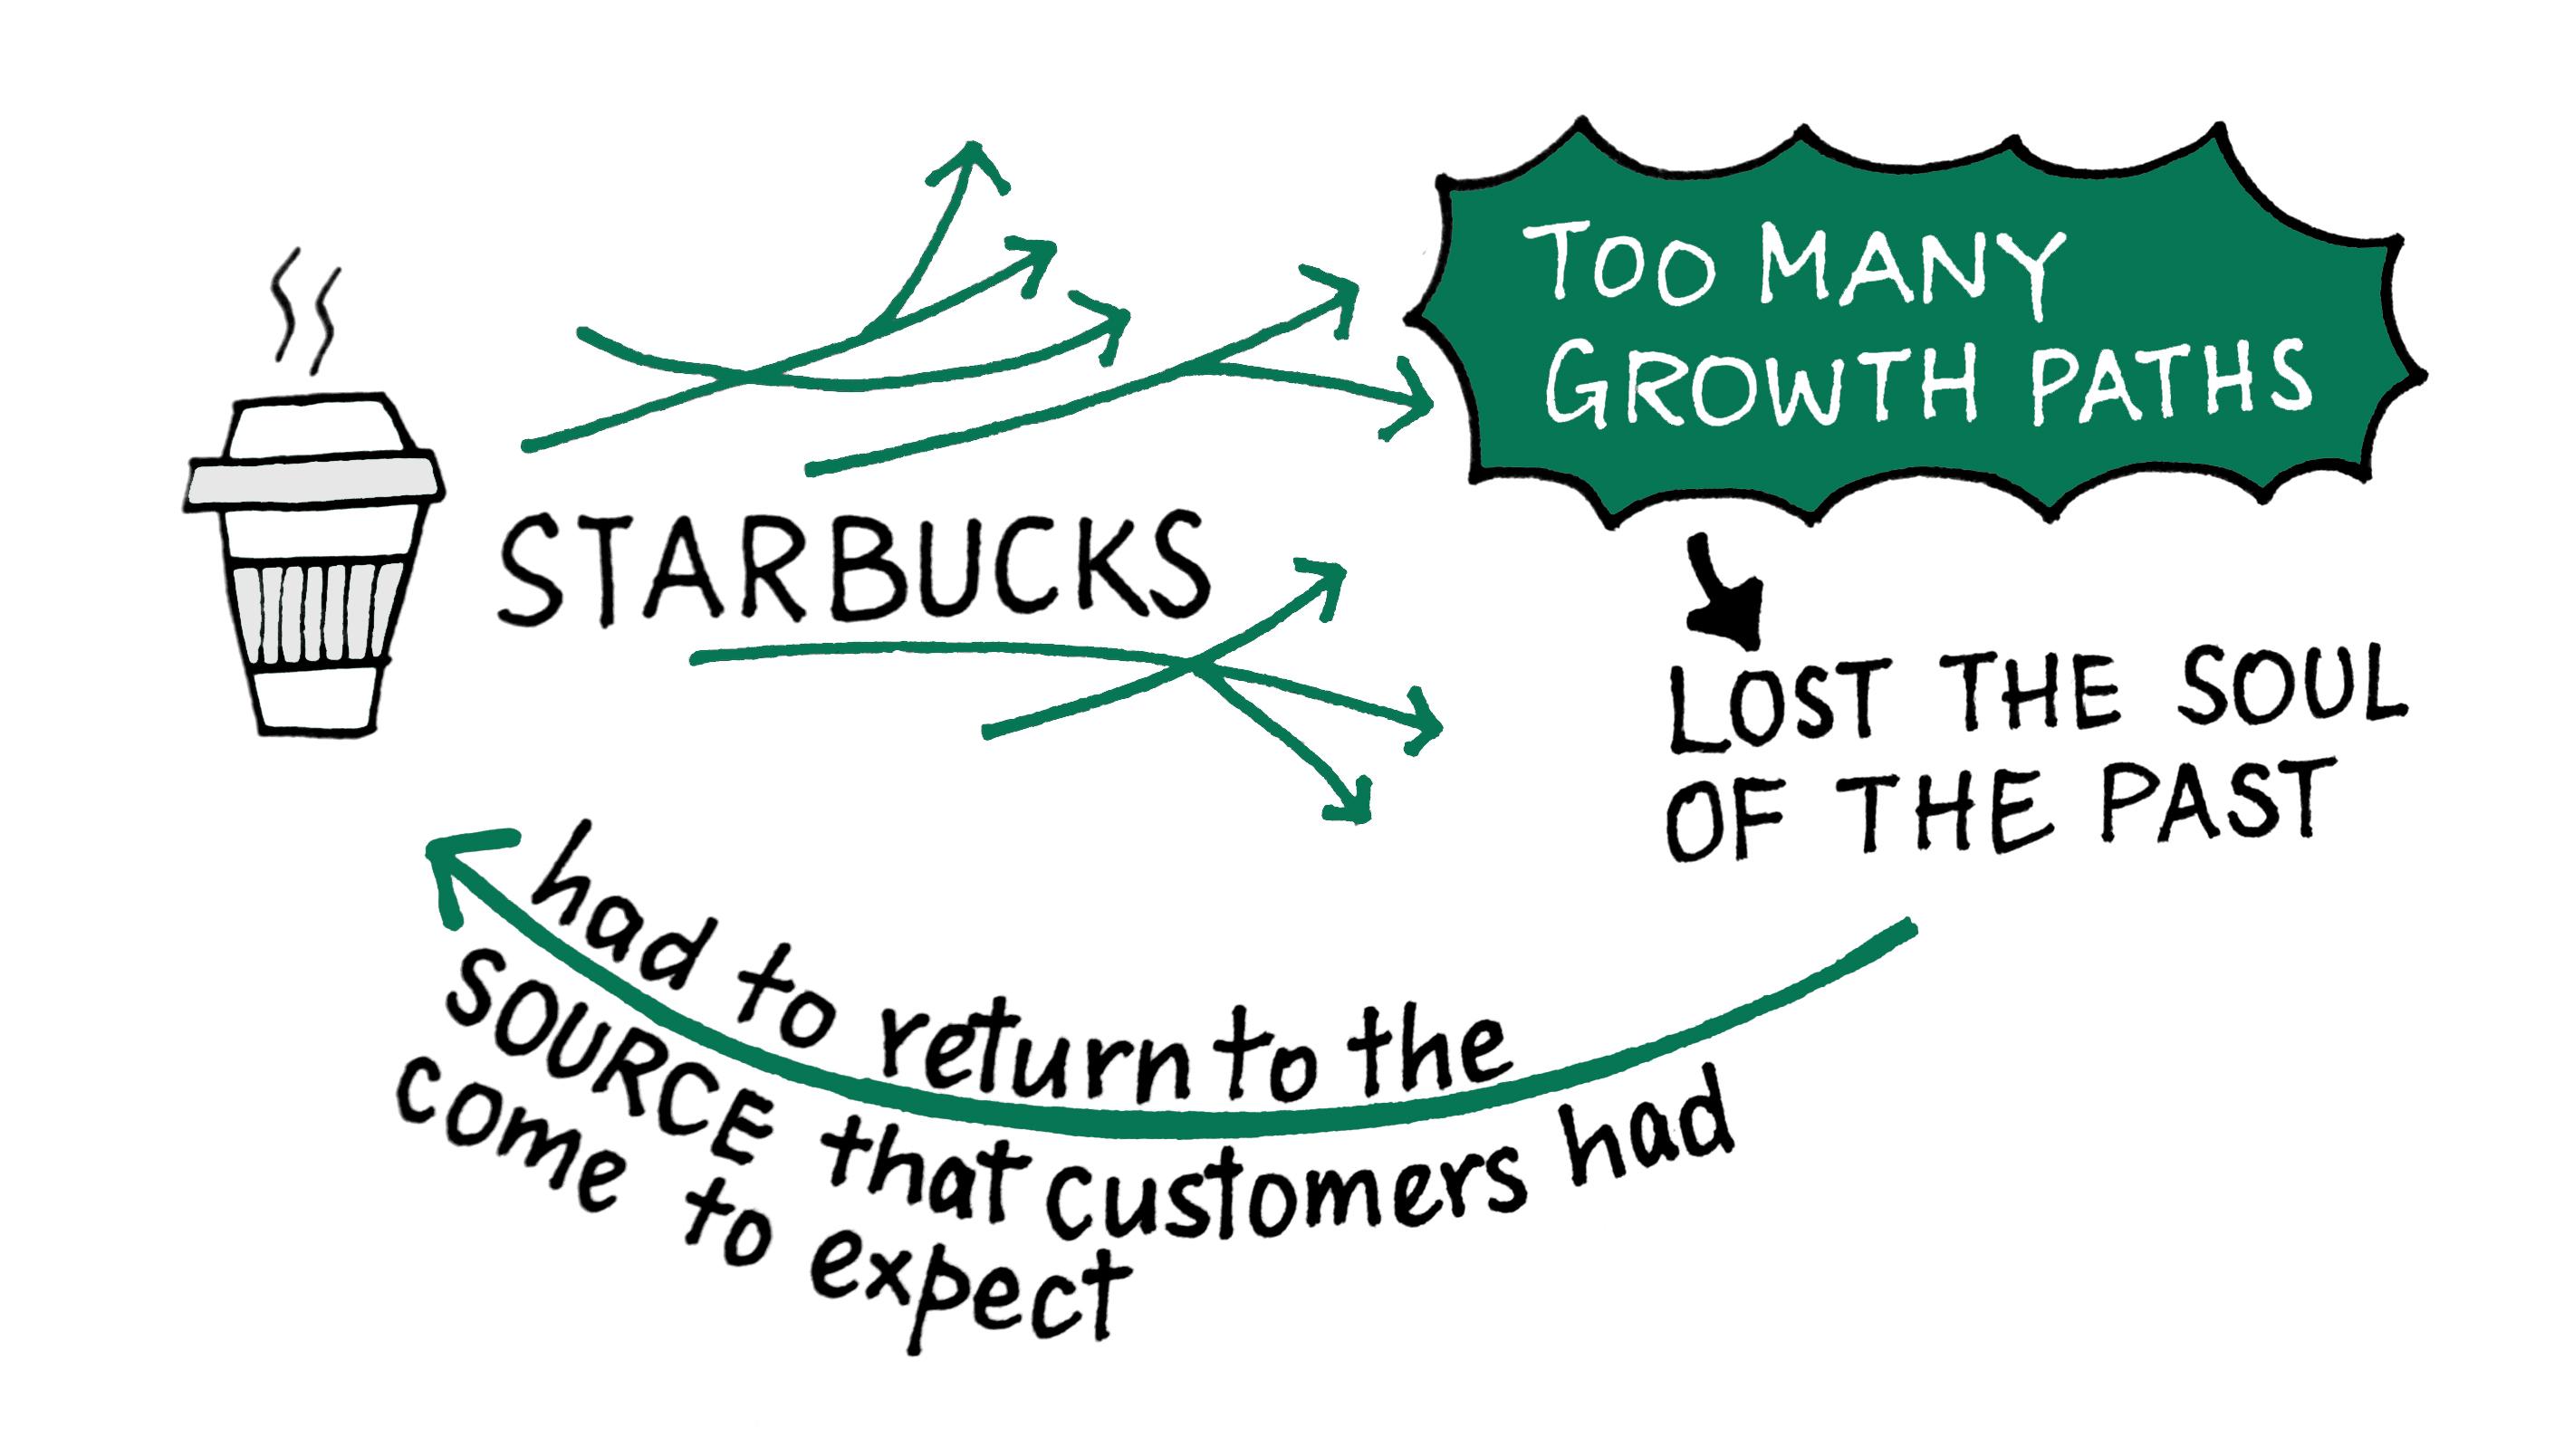 Image 3 Starbucks